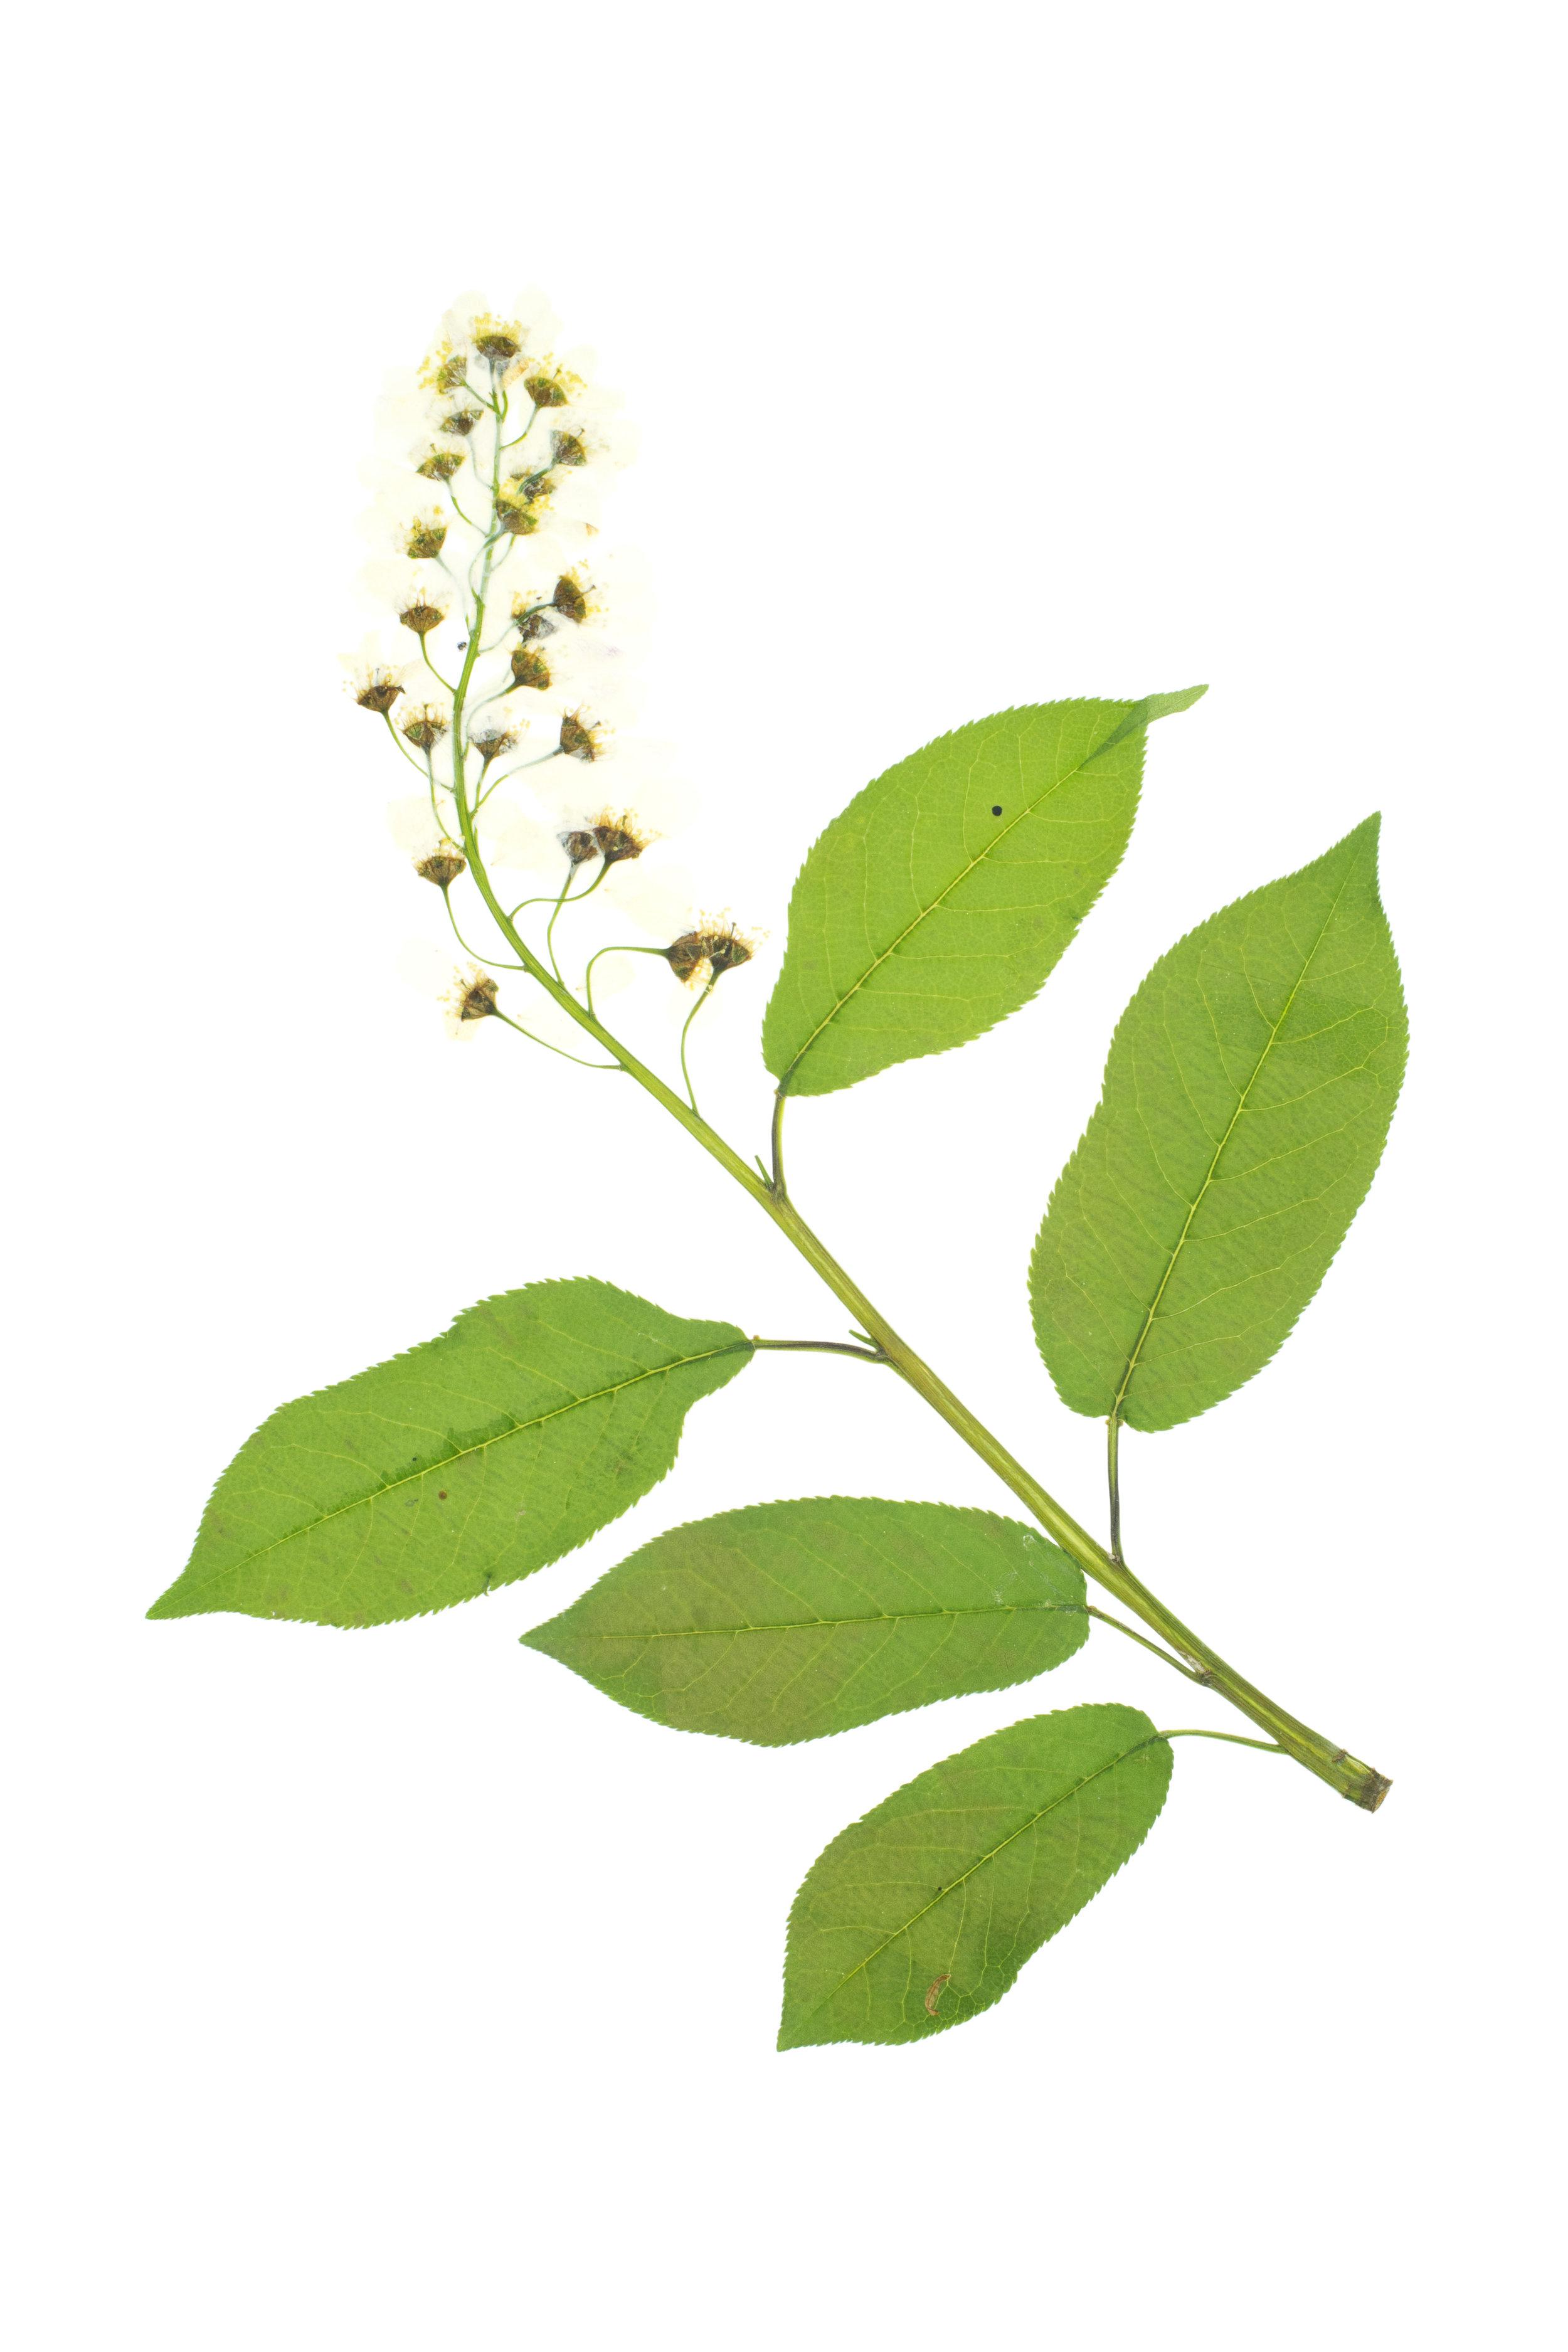 Blackthorn or Sloe / Prunus spinosa